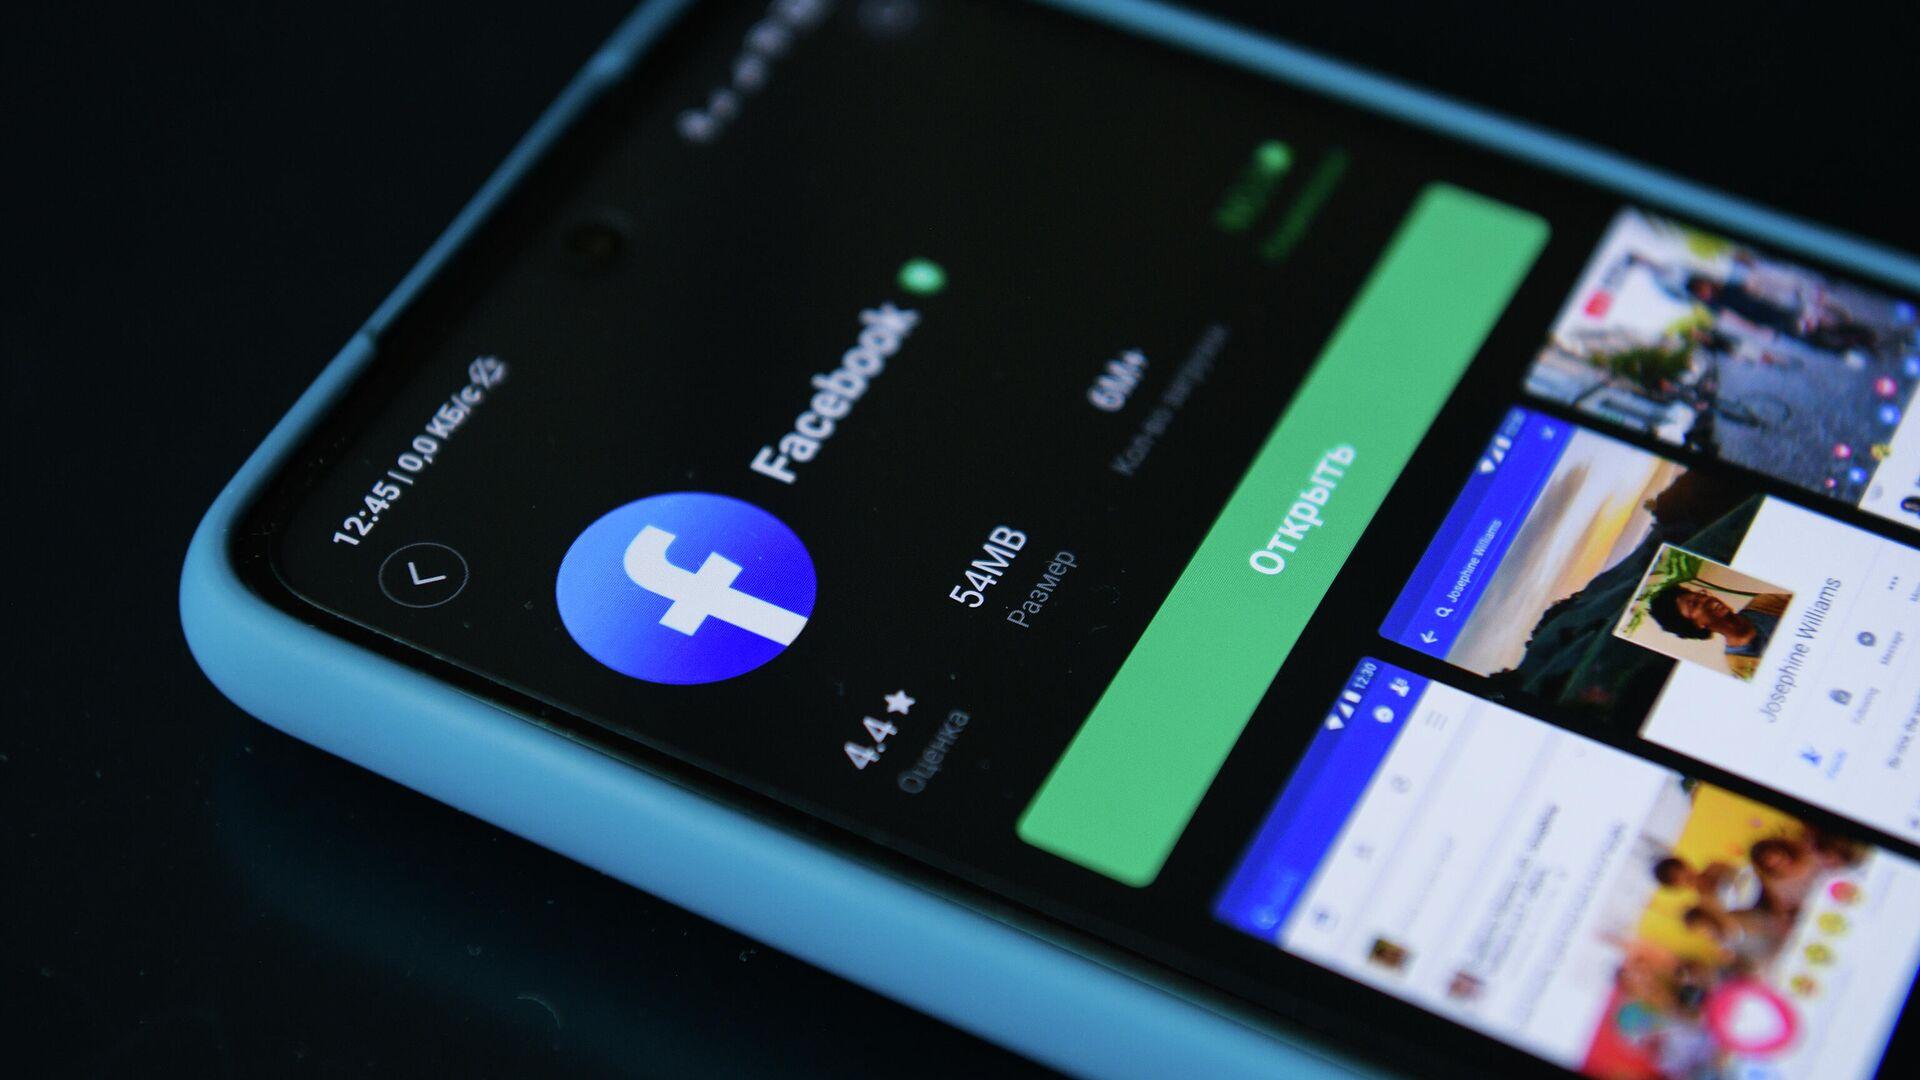 Приложение социальной сети Facebook в телефоне - РИА Новости, 1920, 17.05.2021